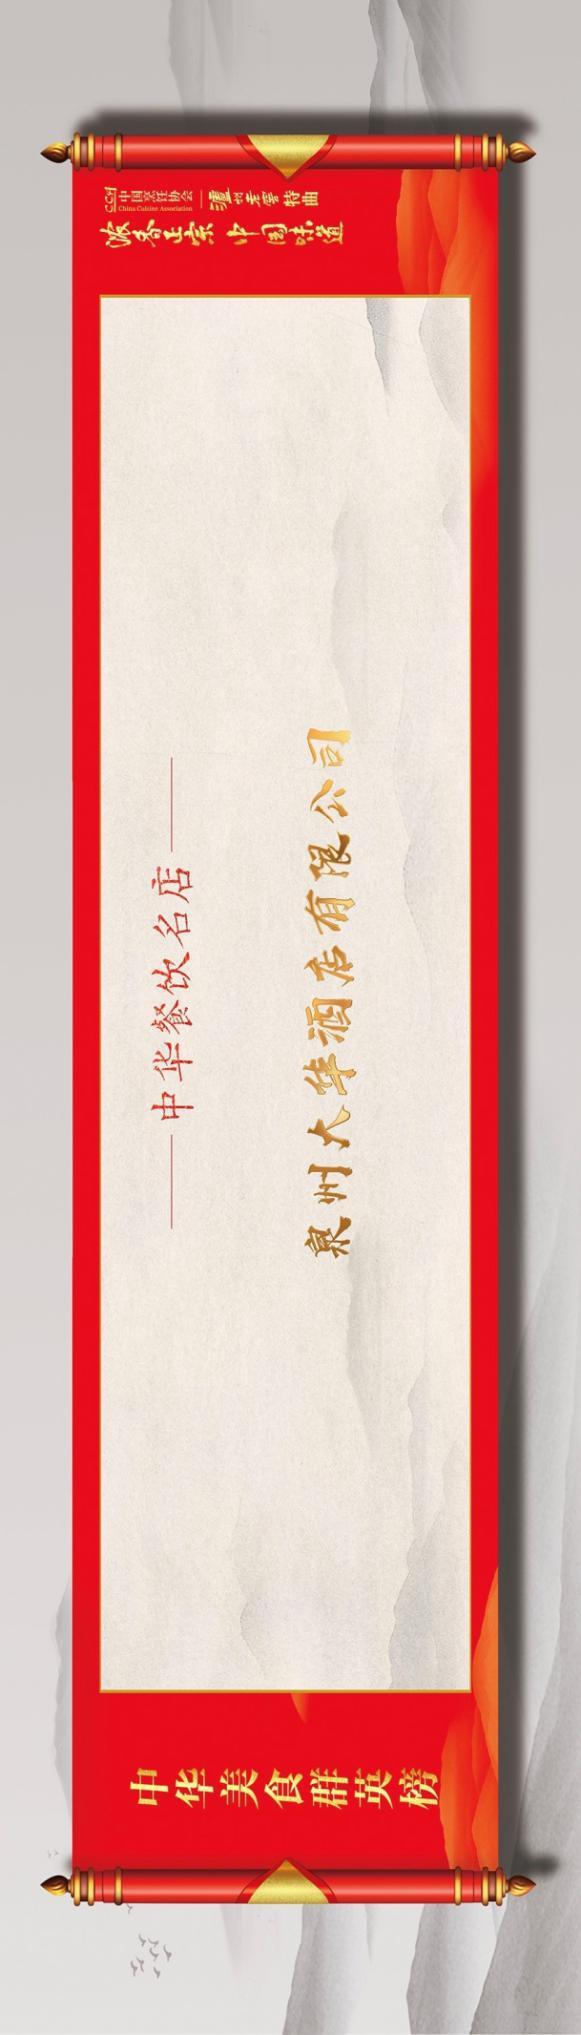 溯源中华饮食文化,泸州老窖特曲寻宗闽菜,弘扬中国味道